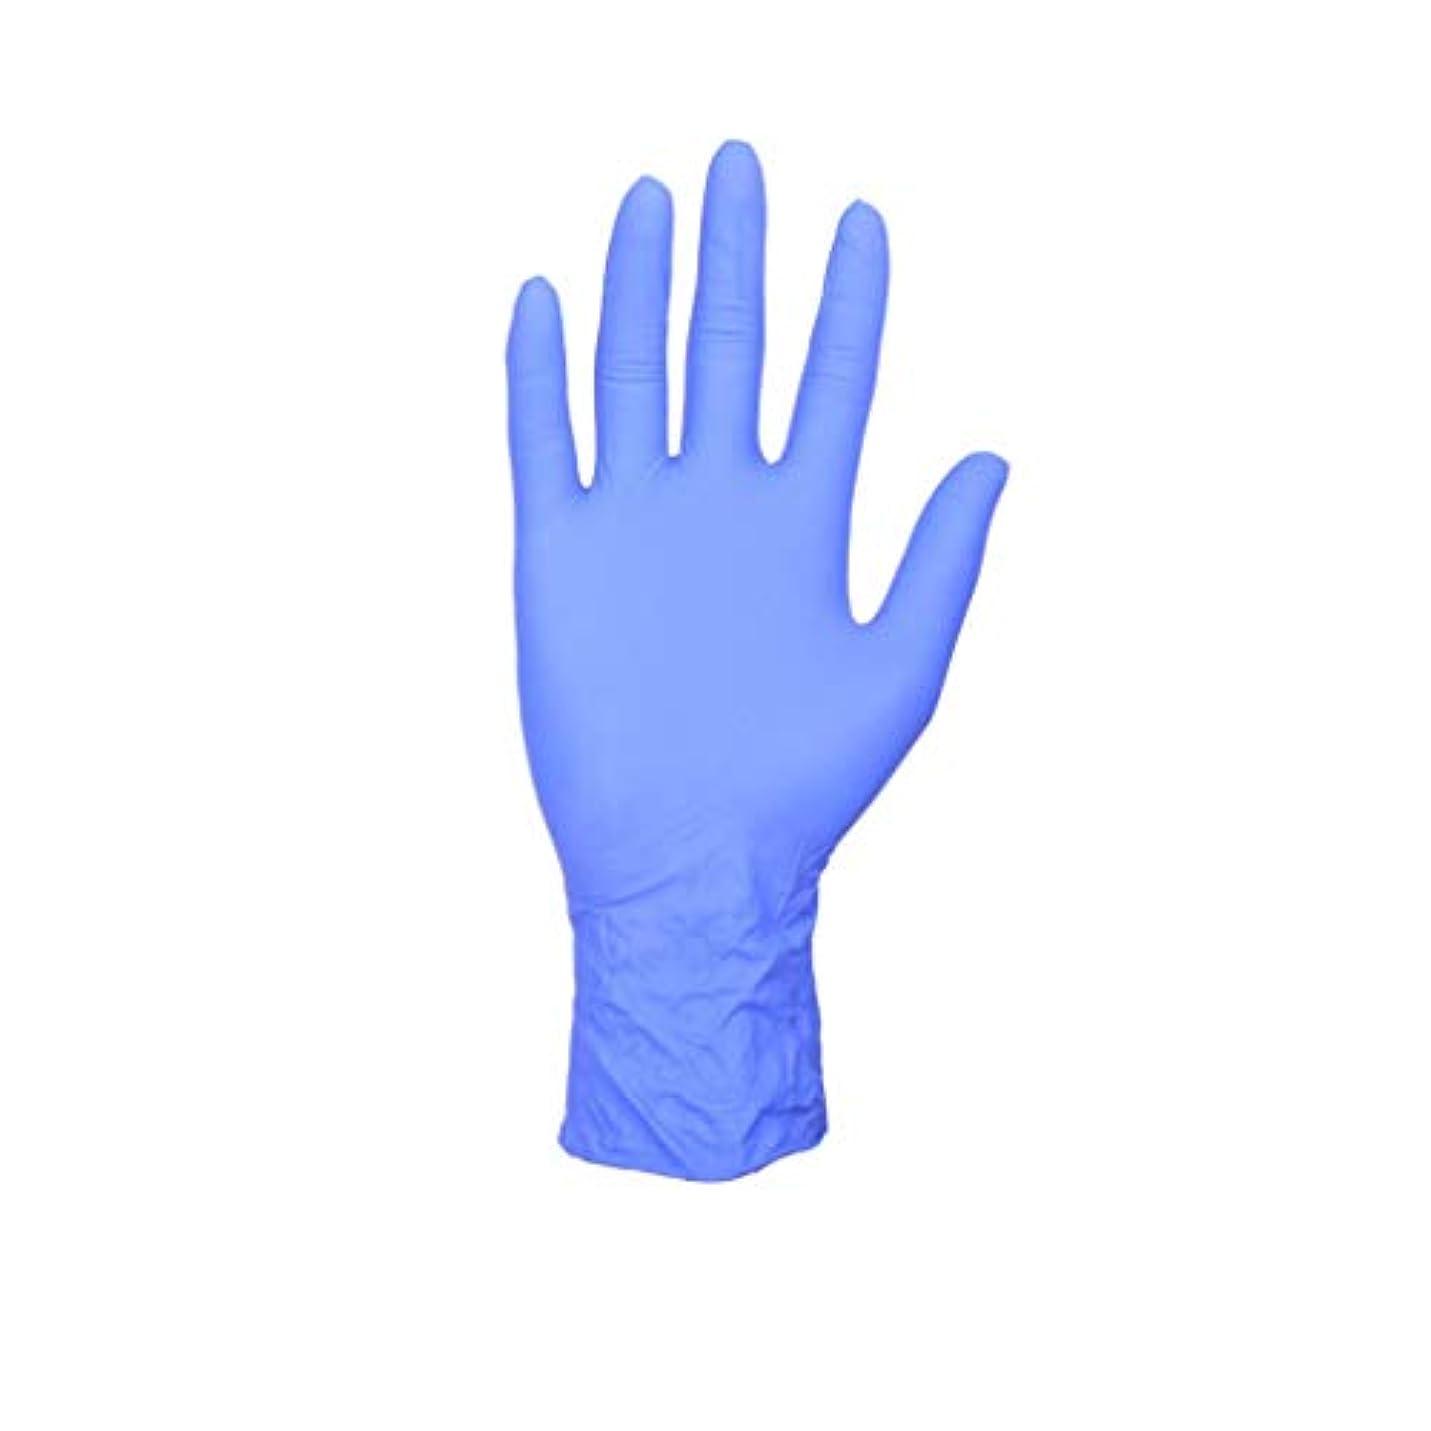 確立種類聖書手袋、使い捨てゴム手袋、検査、丁清手袋、油と静電気防止手袋、ラテックス手袋100ペア。 (サイズ さいず : L l, UnitCount : 100 pairs)